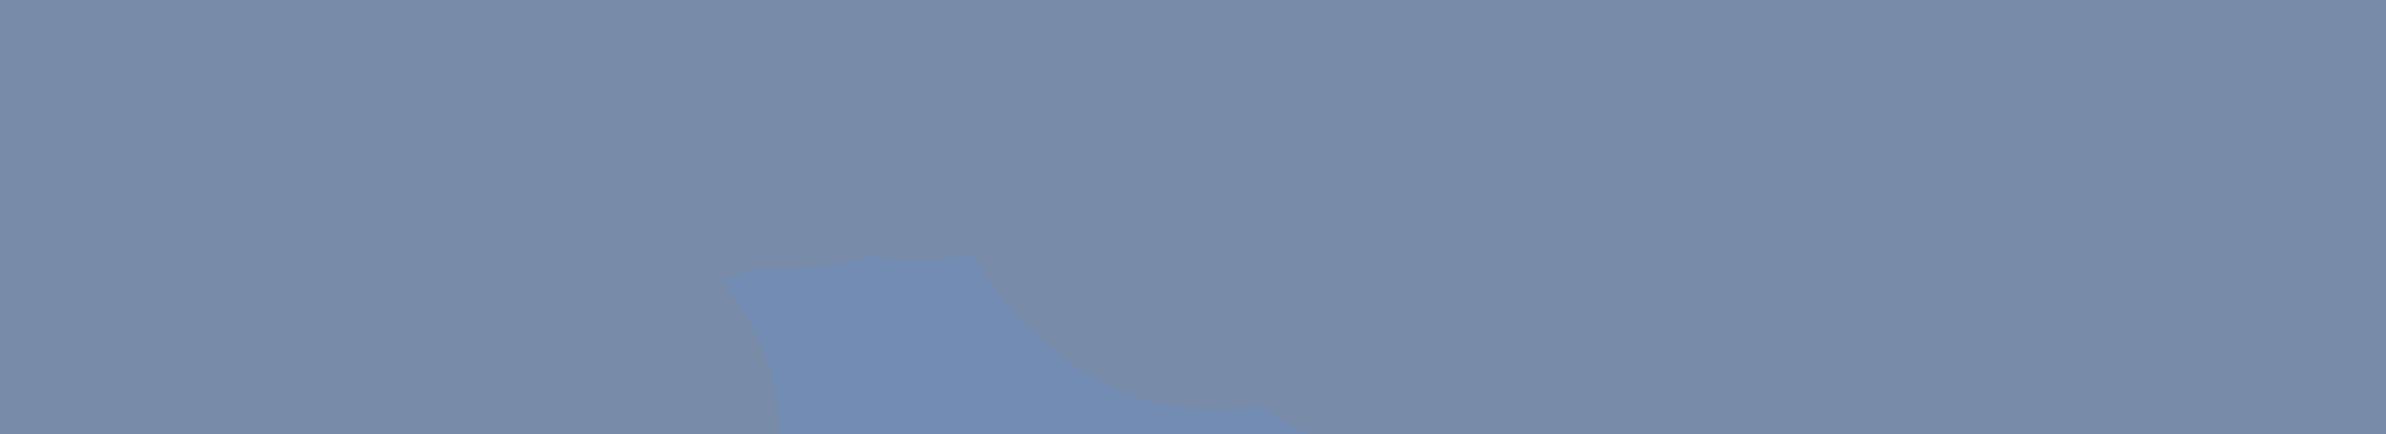 #1695 @ 3% - Grey